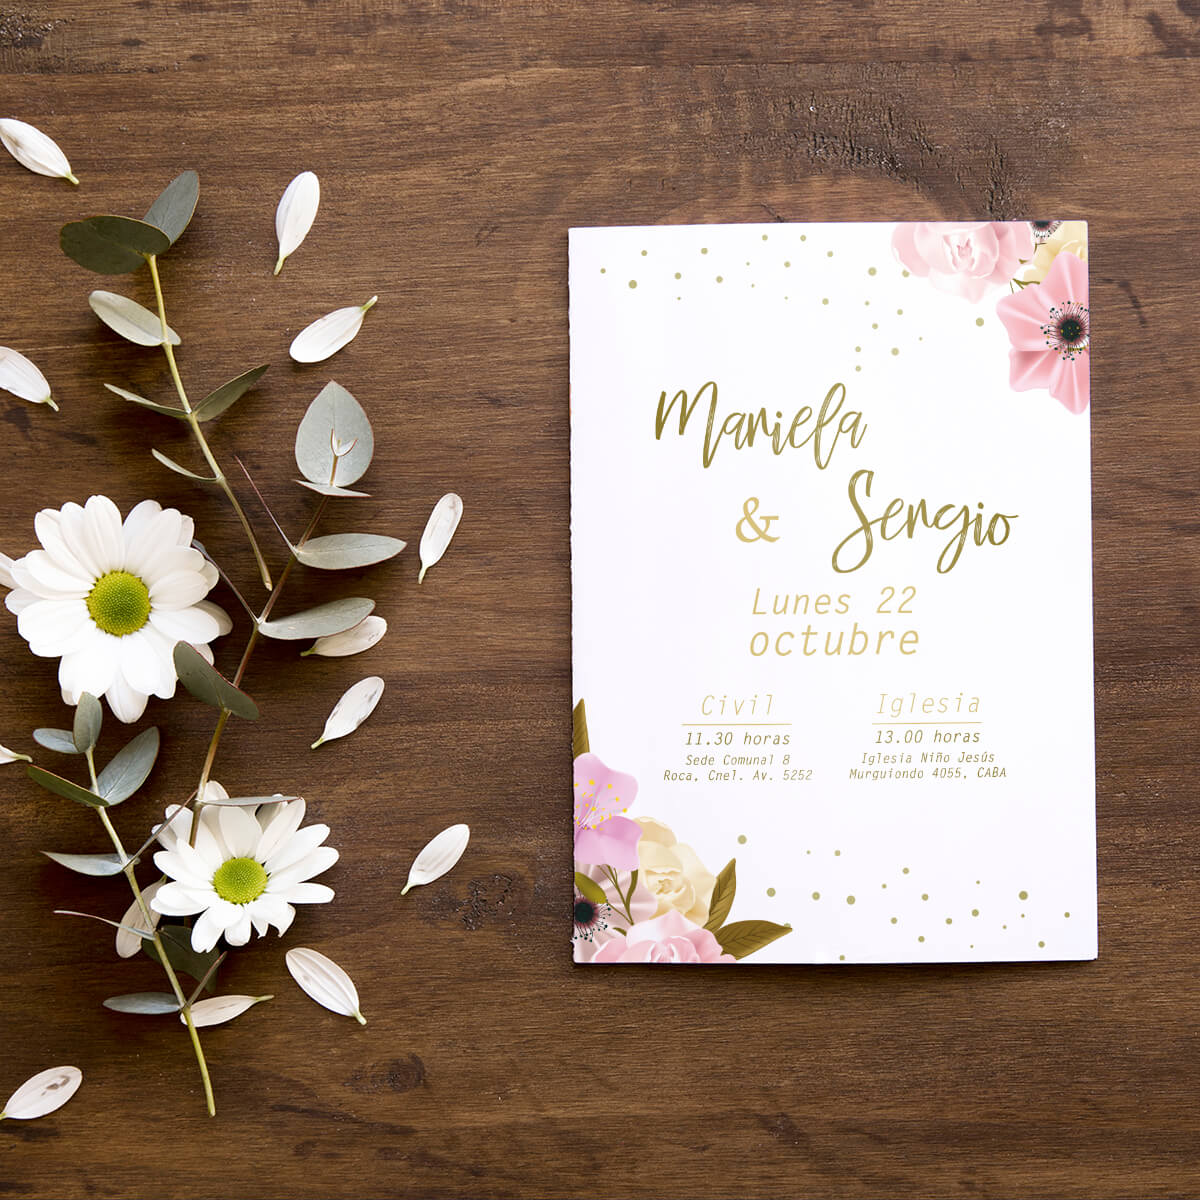 Casamiento mariela y sergio